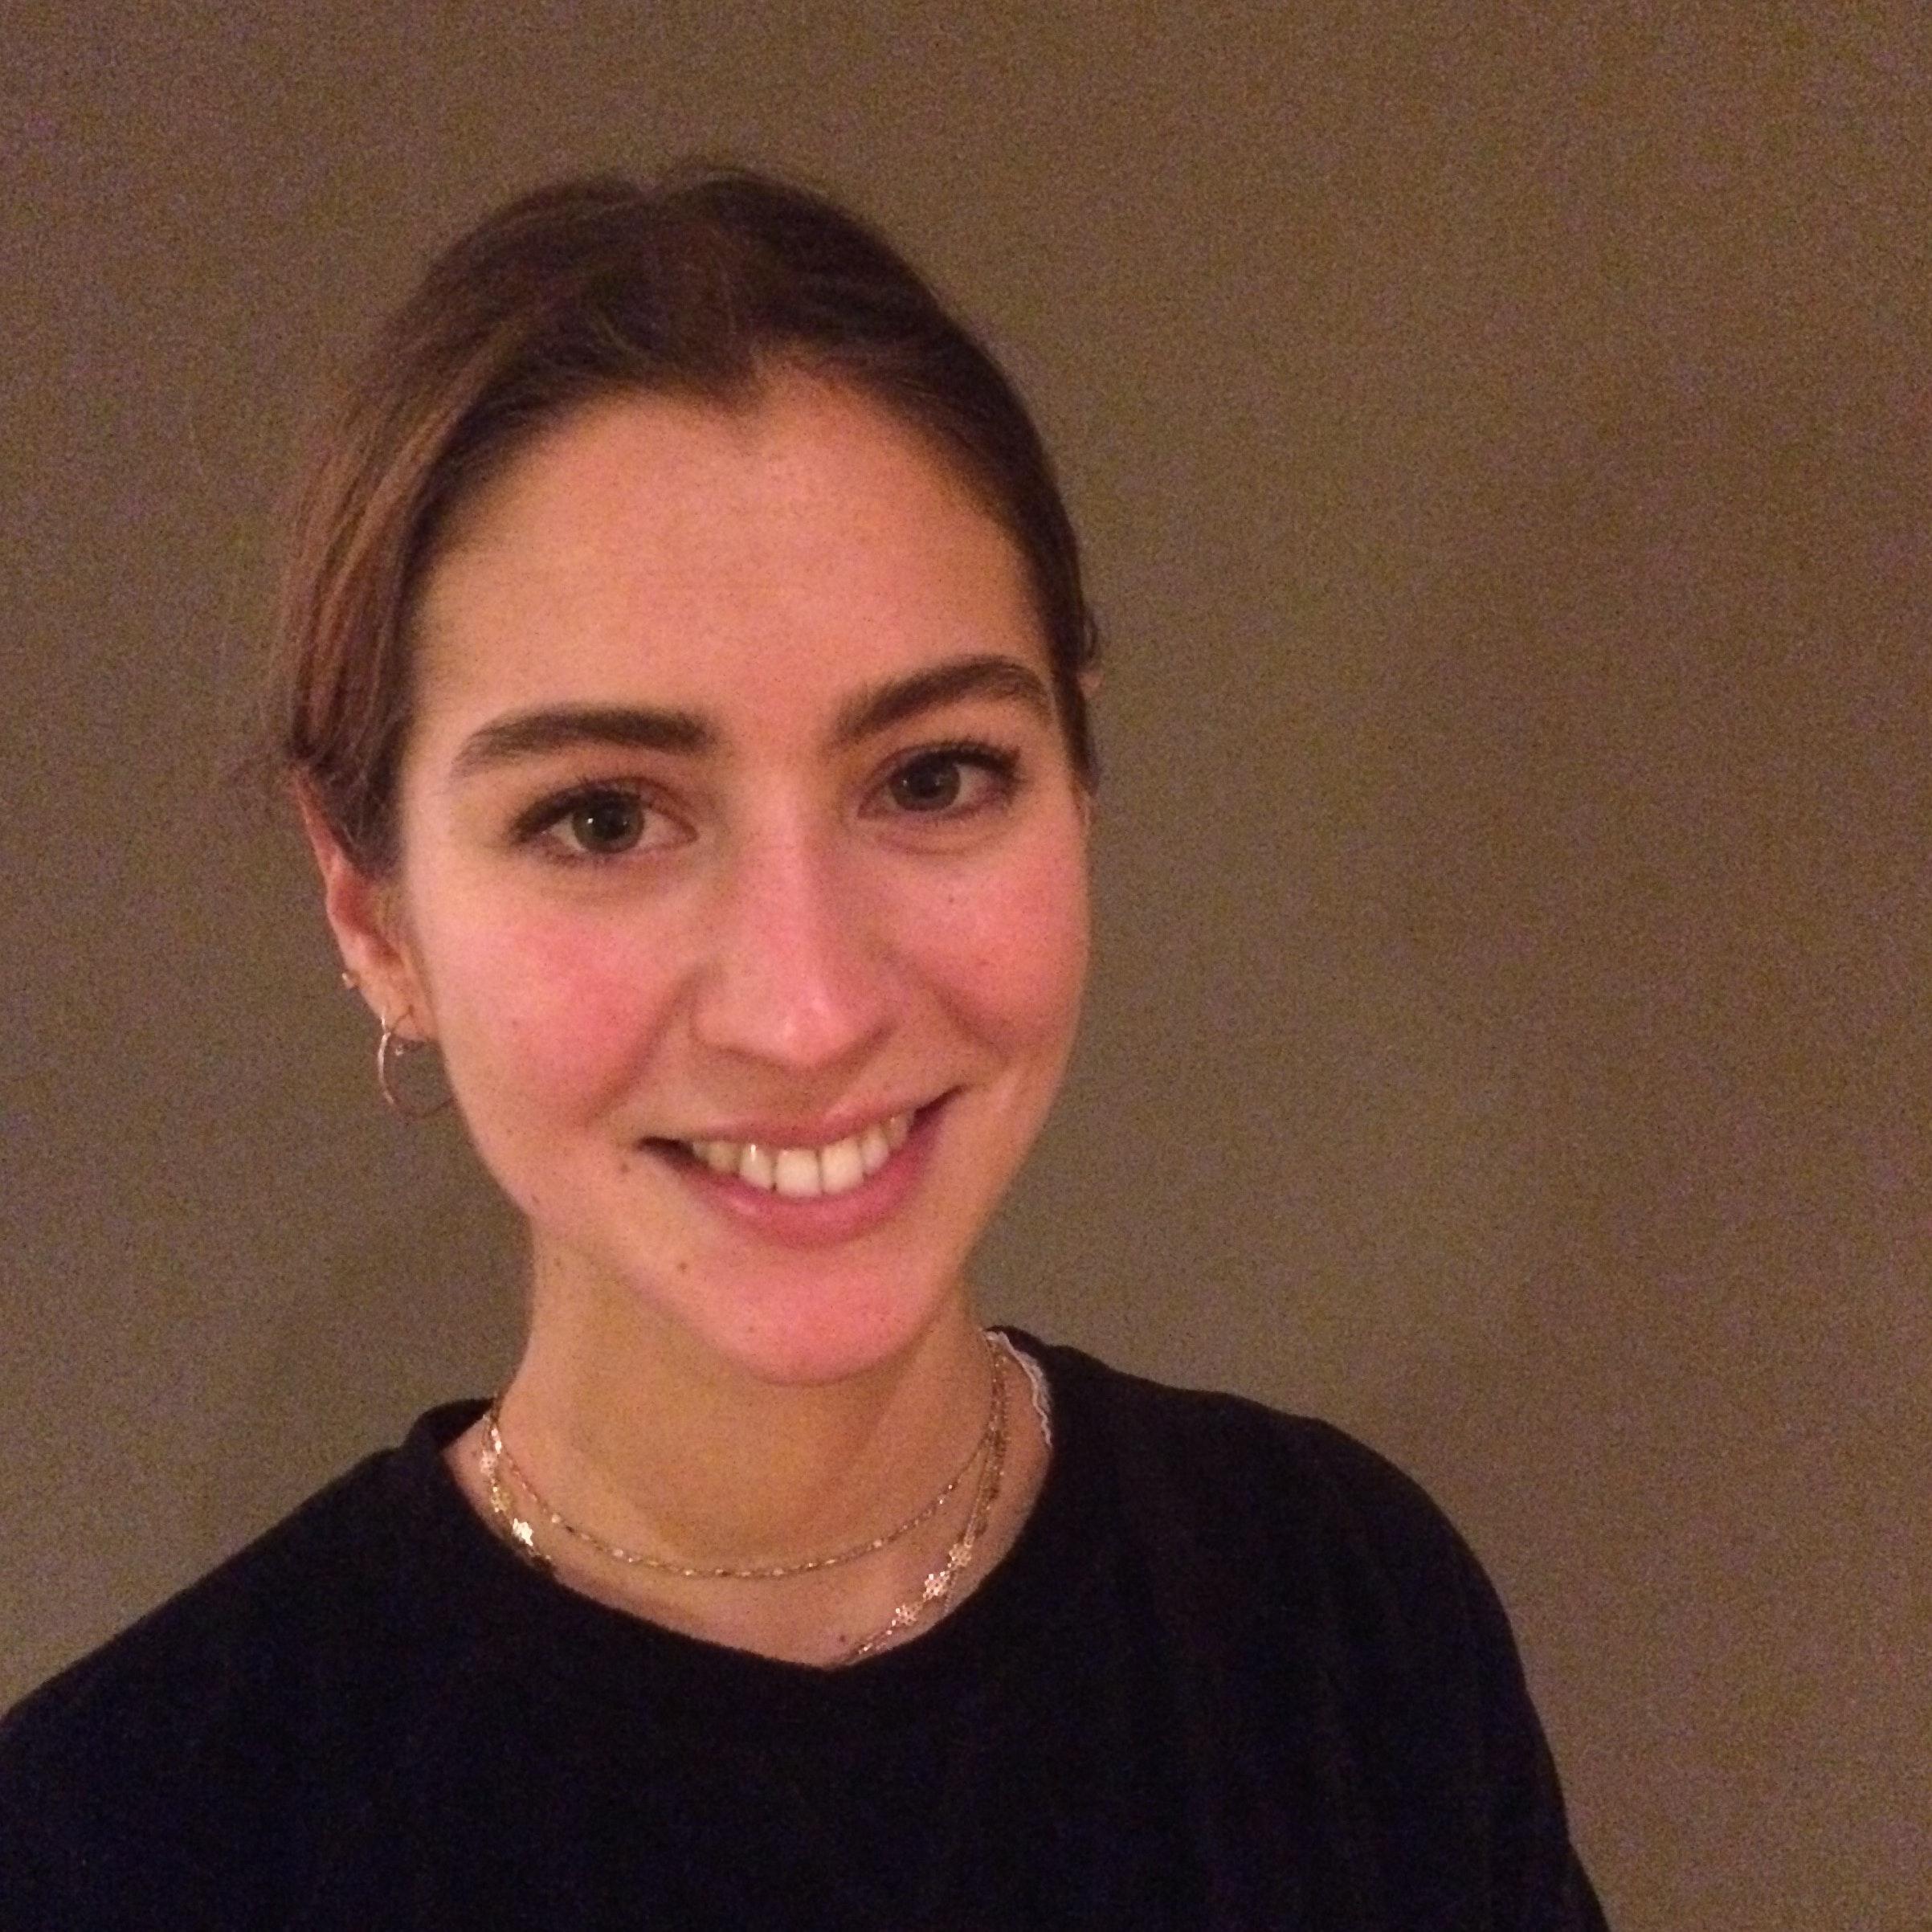 Gabriella D'Annunzio